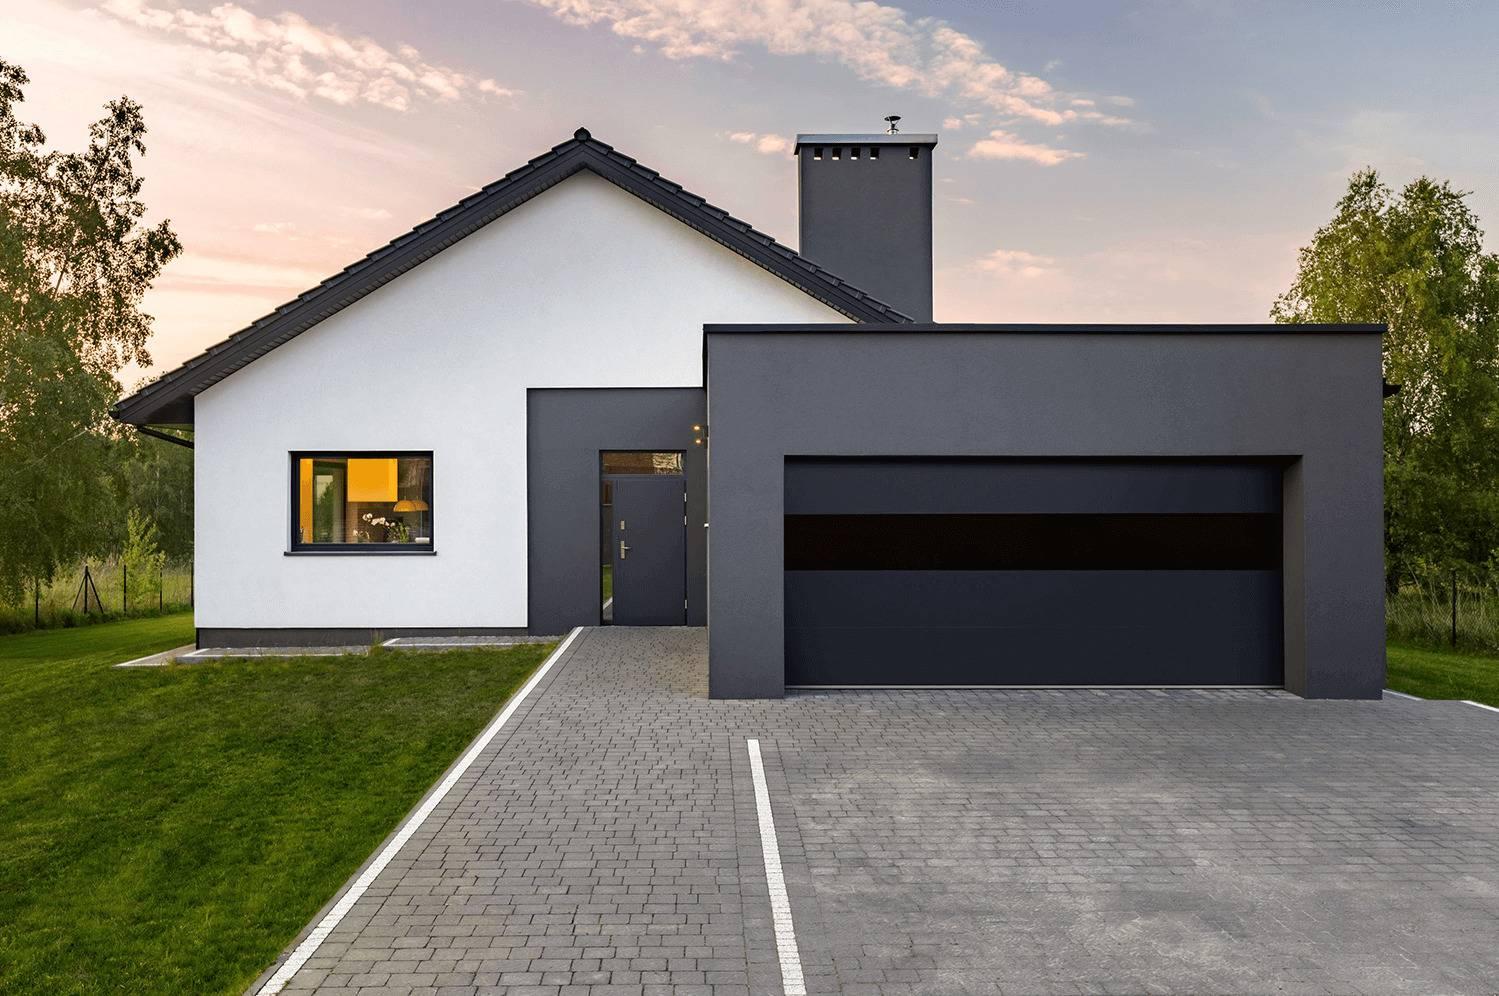 Sterling Garage Door - Residential Garage Doors - Garage Door Services, Inc.